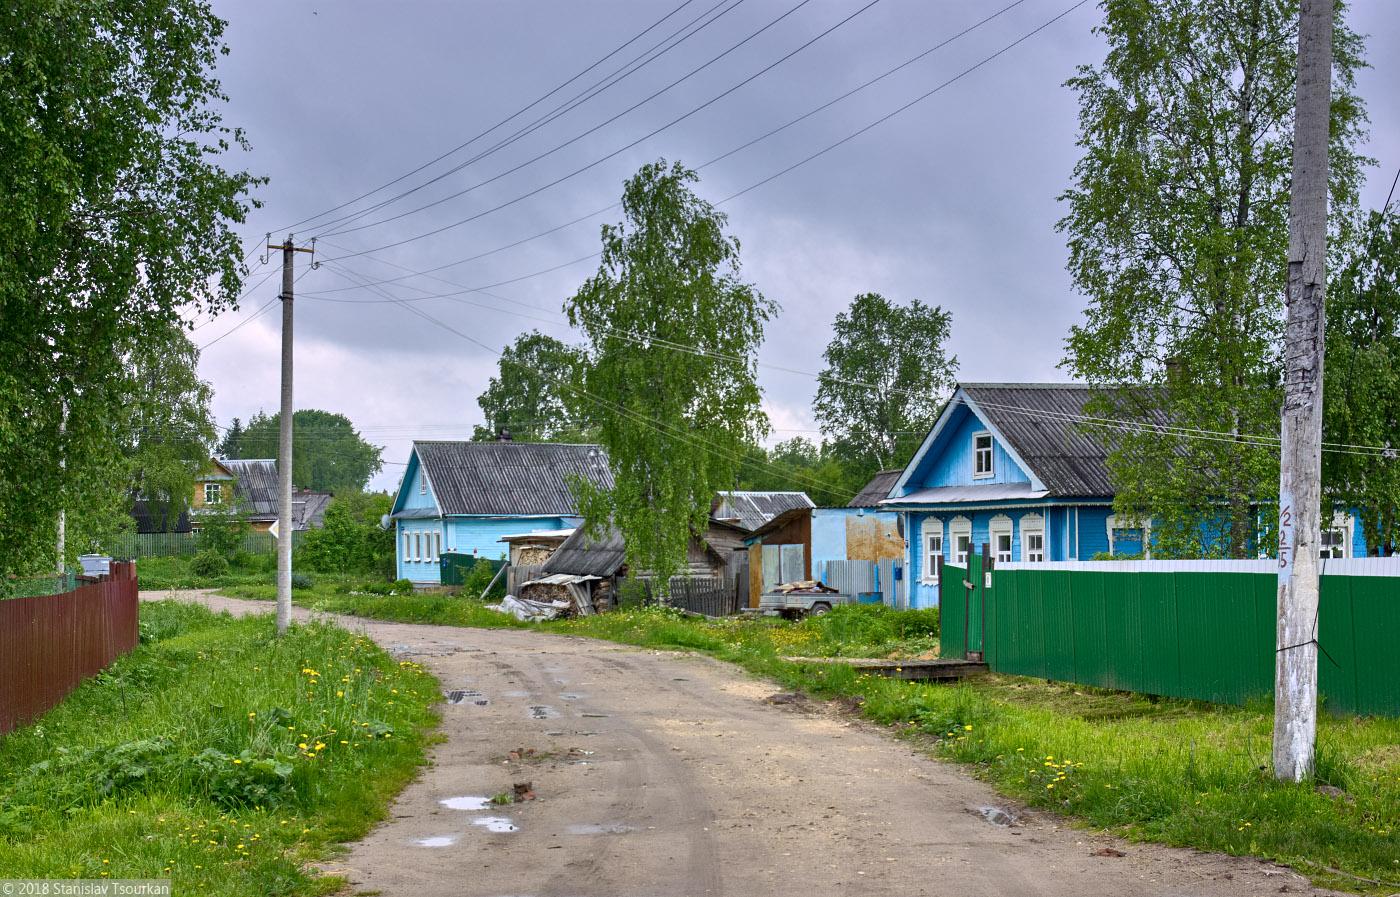 Каргополь, Архангельская область, Россия, Заводская улица